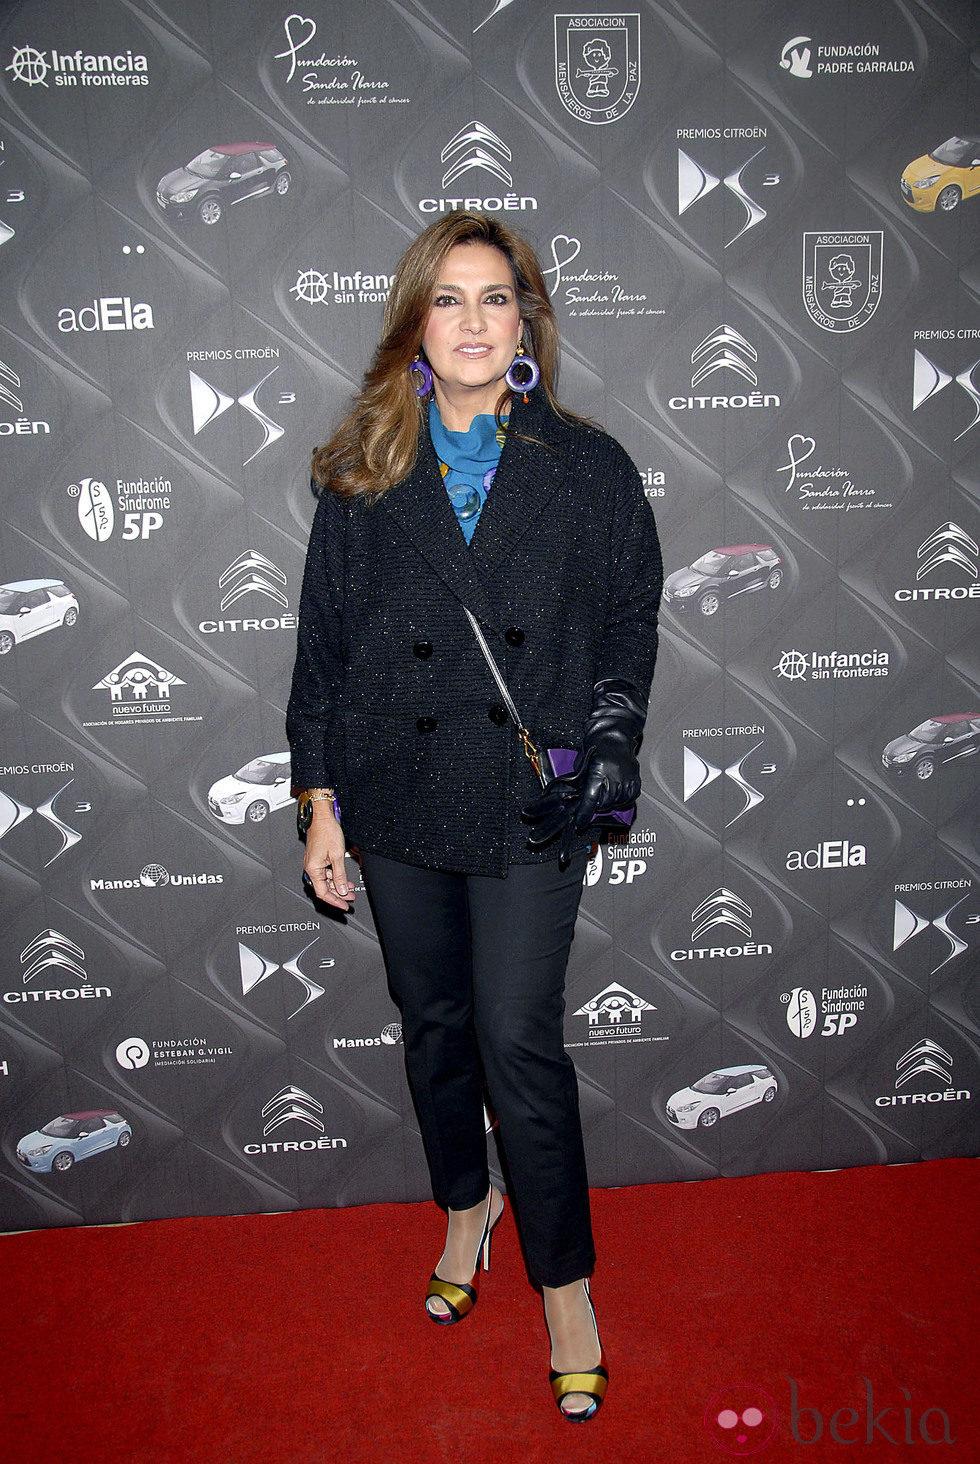 La Ex Modelo Colombiana Marina Danko